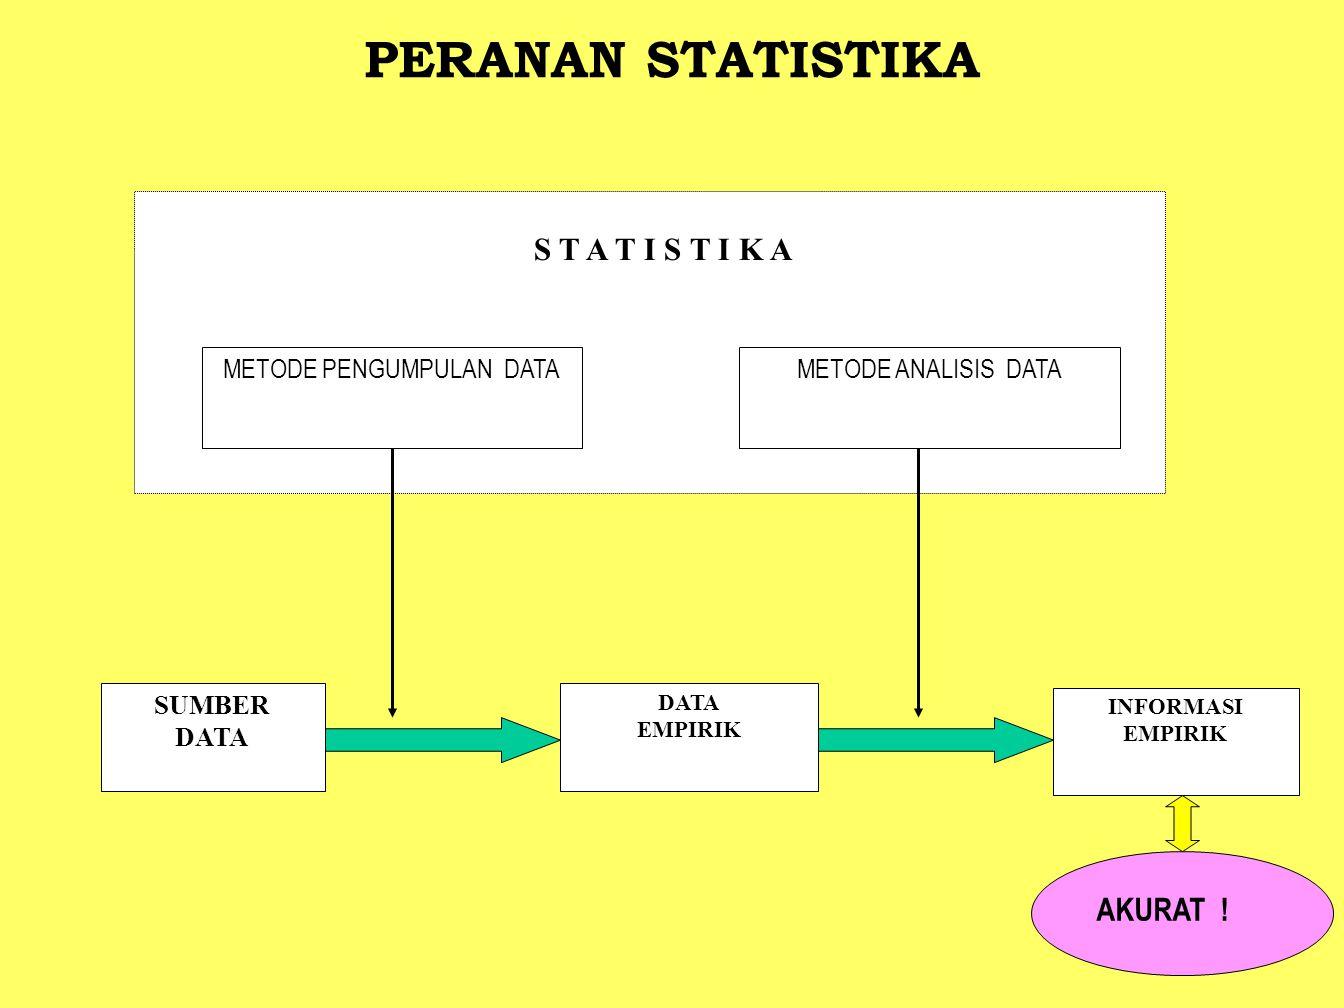 S T A T I S T I K A METODE PENGUMPULAN DATAMETODE ANALISIS DATA SUMBER DATA EMPIRIK INFORMASI EMPIRIK PERANAN STATISTIKA AKURAT !